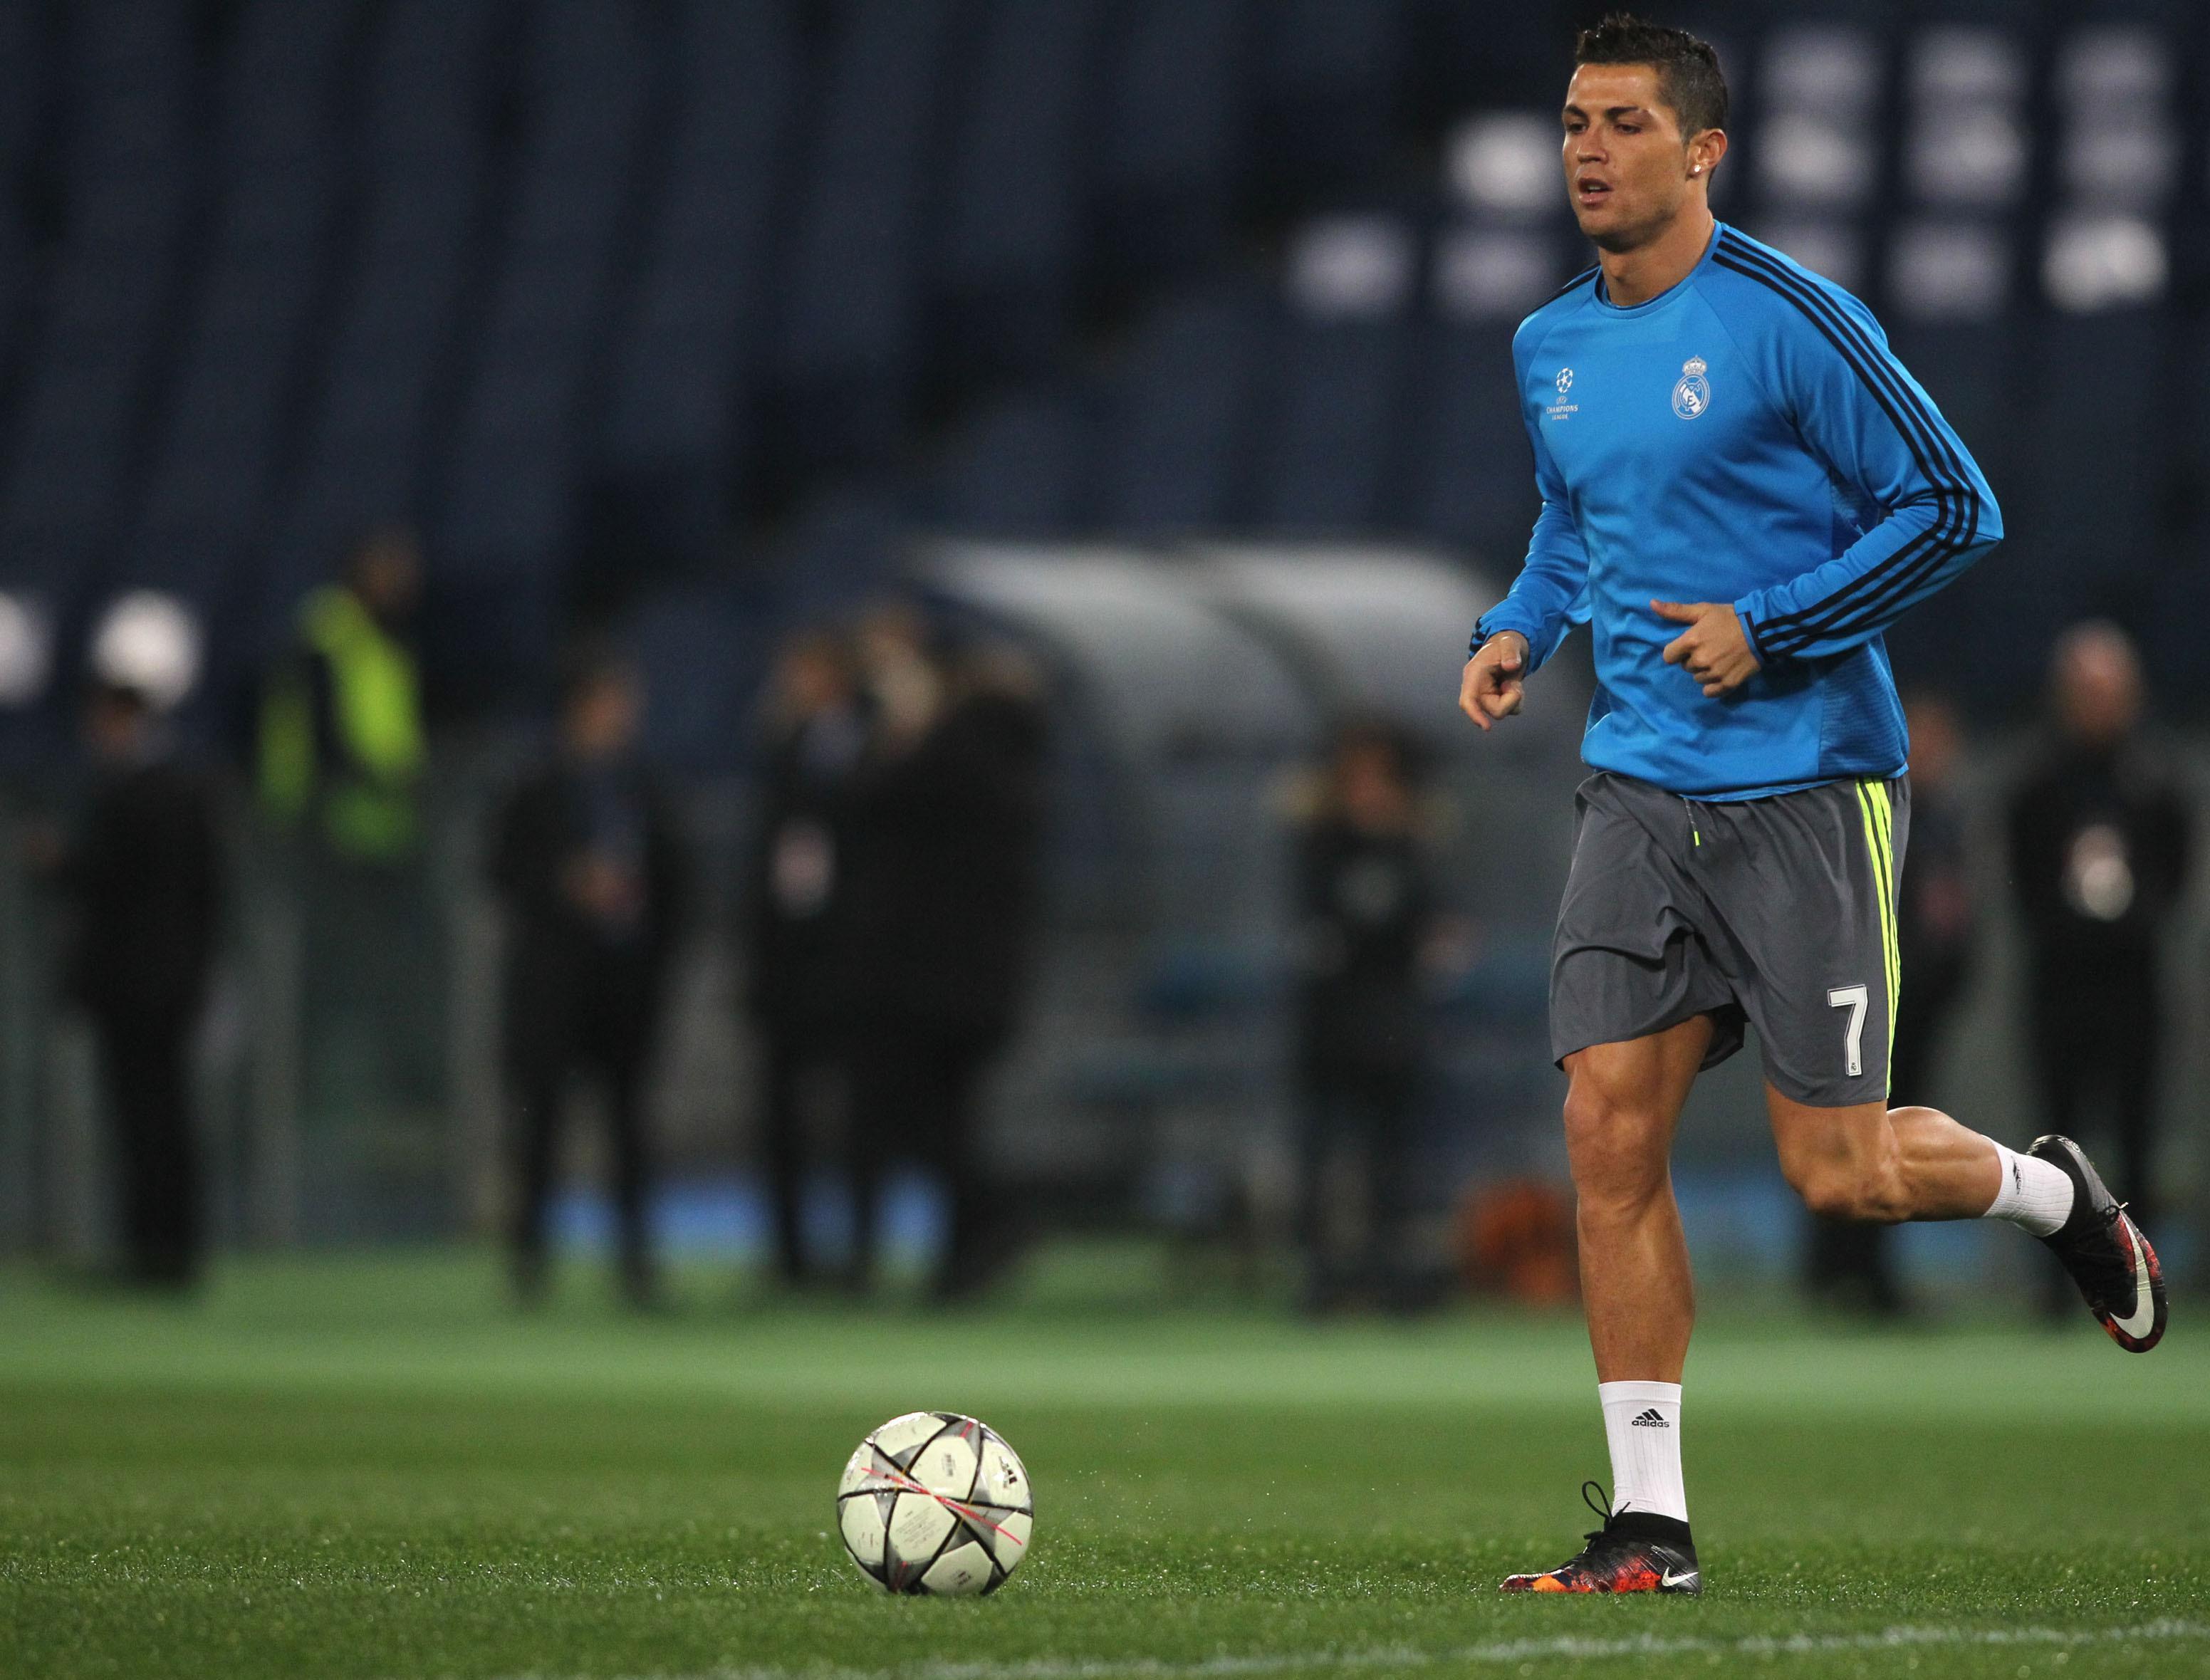 Slab na dizajnersko: Christiano Ronaldo pokazao jednu od najluksuznijih torbi na svijetu